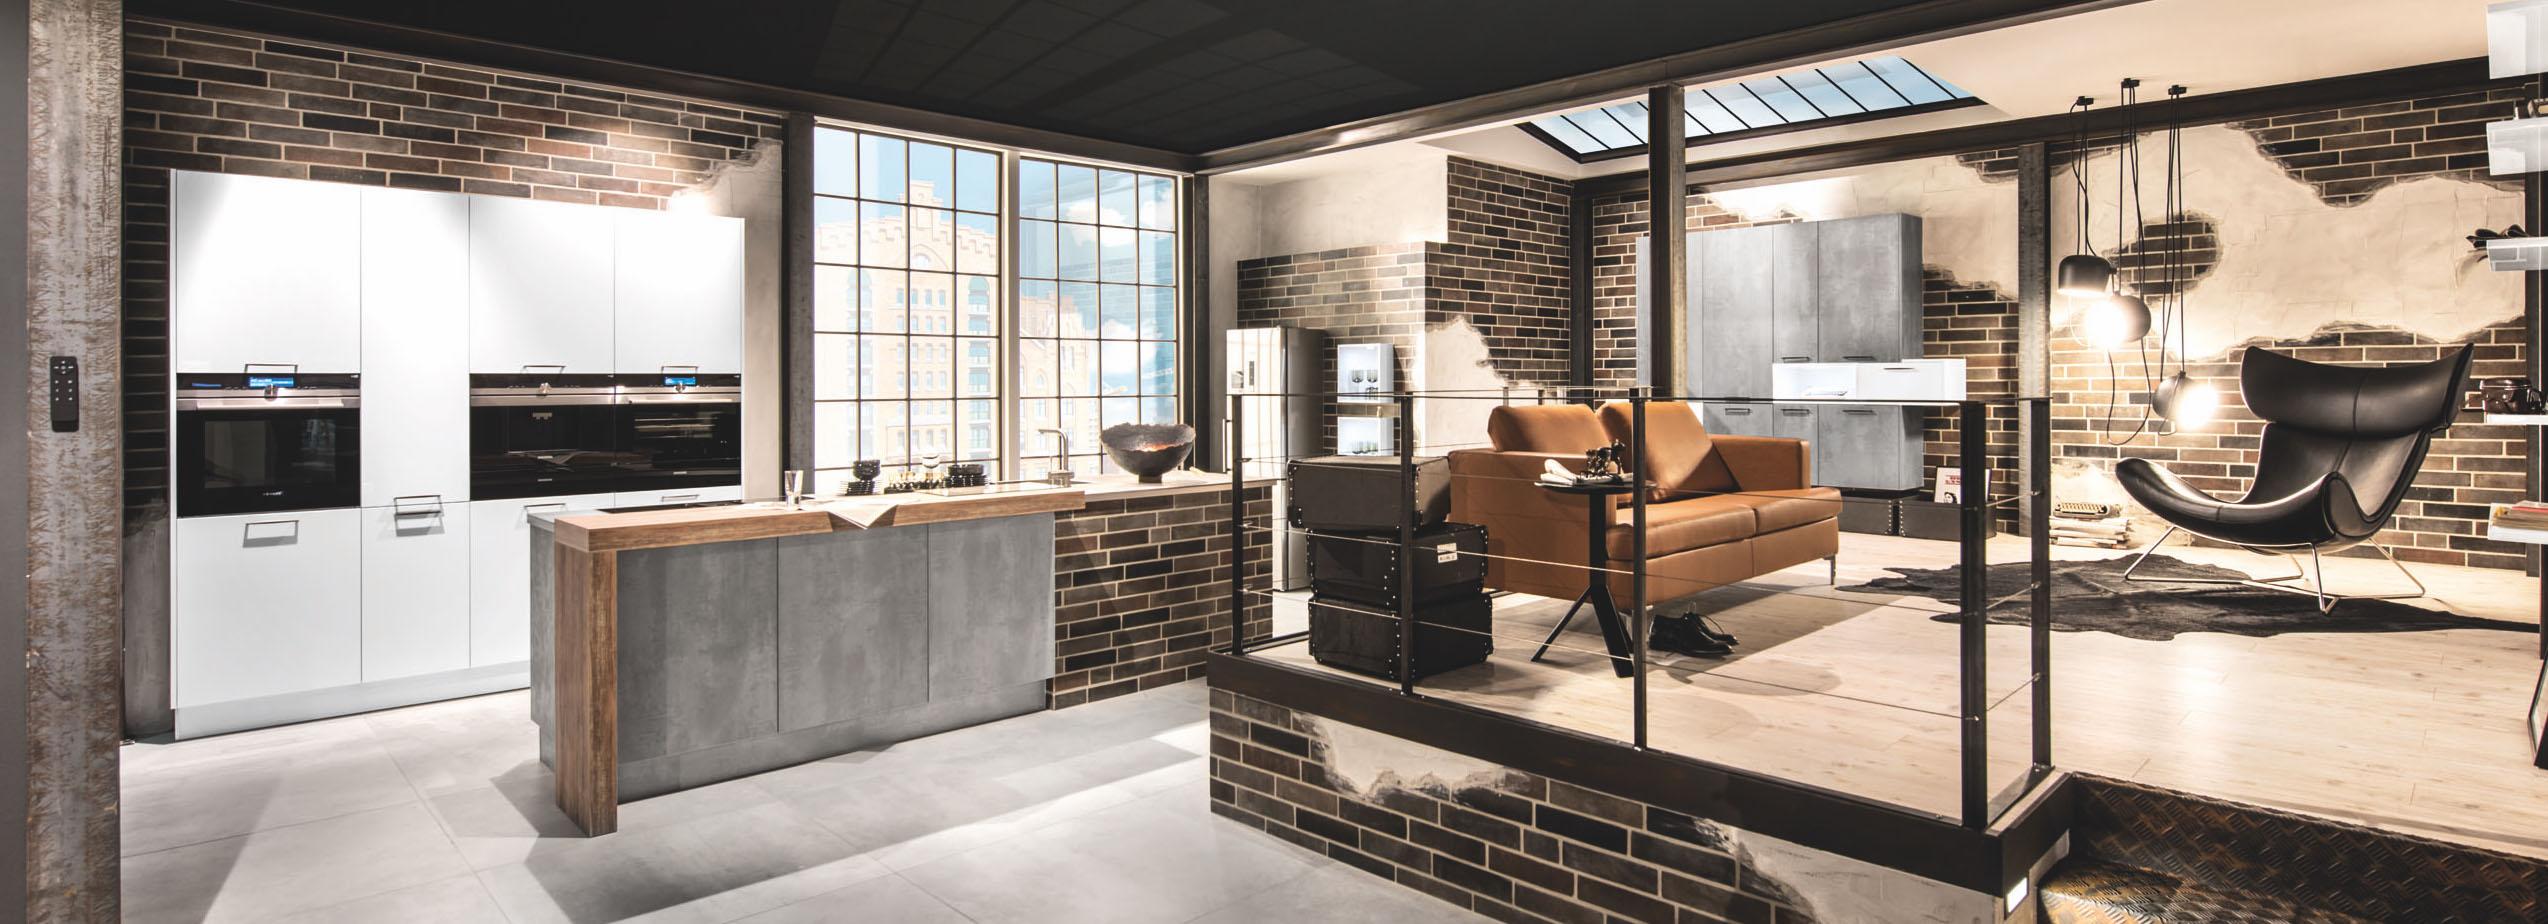 mat riaux archives ma cuisine vivre. Black Bedroom Furniture Sets. Home Design Ideas